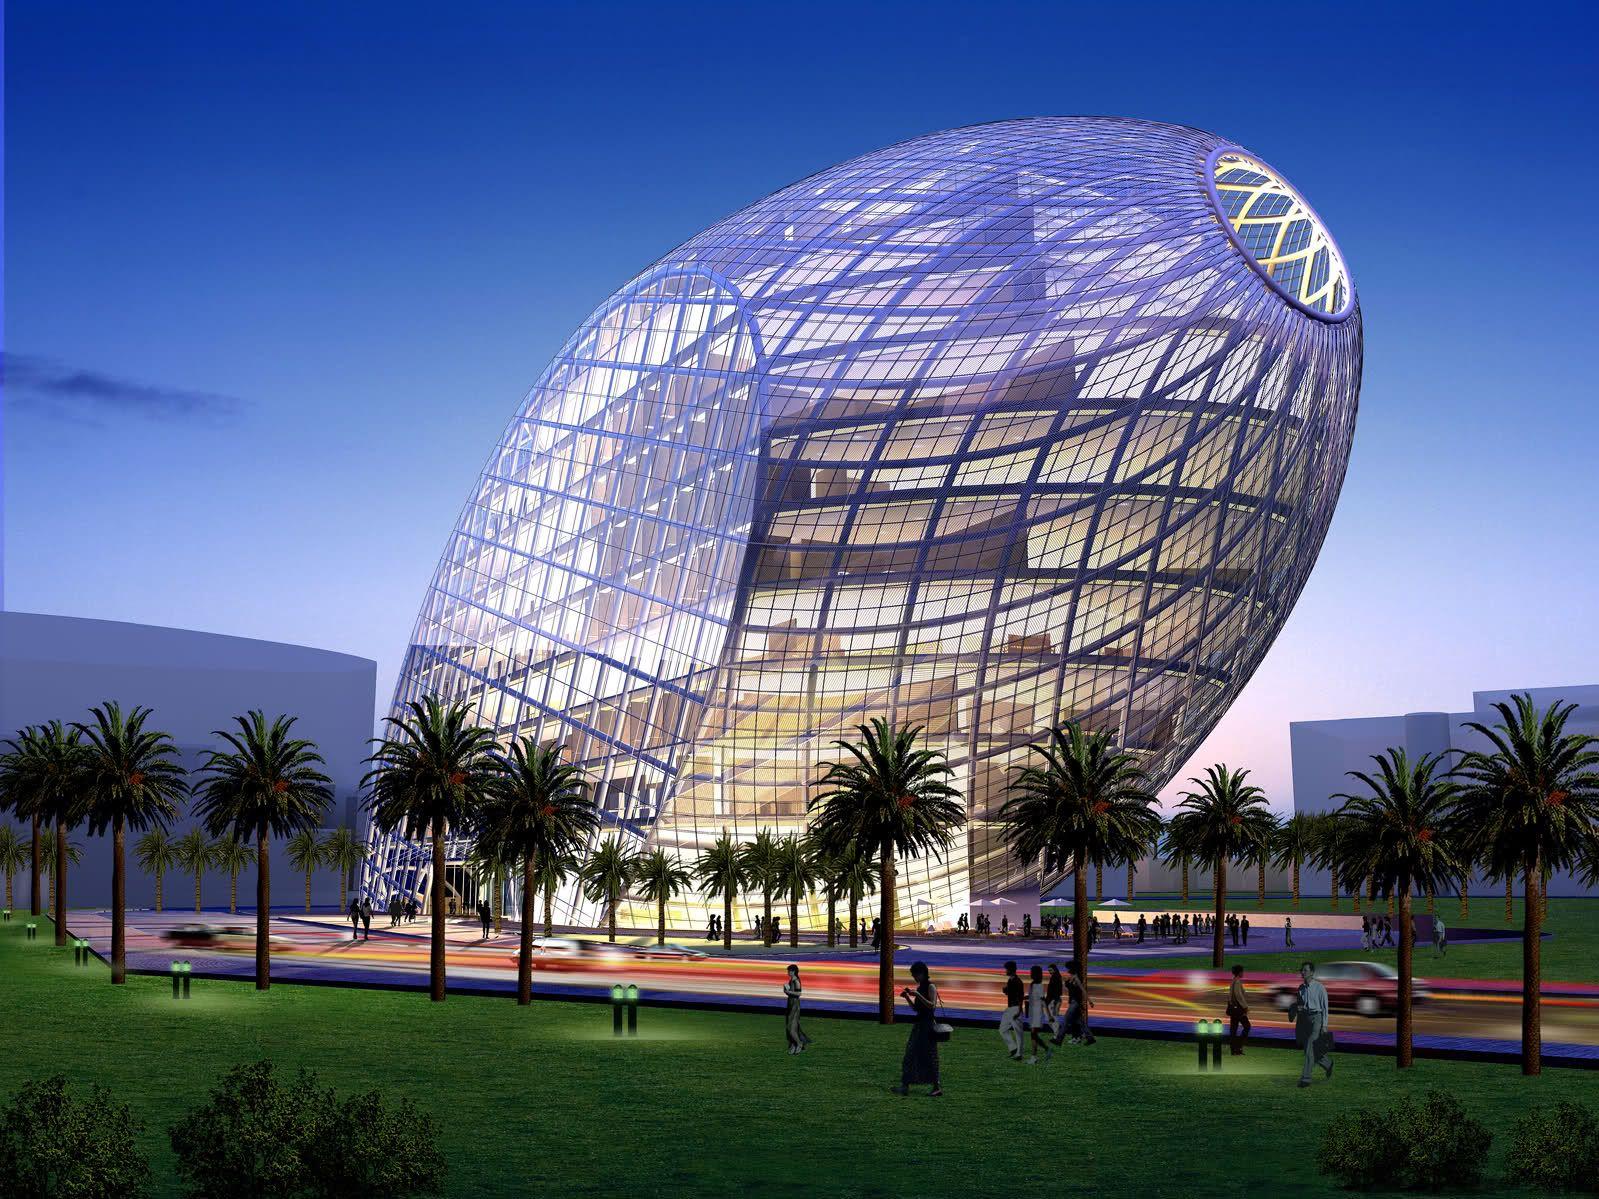 egg es un edificio sostenible diseado por el arquitecto james law para su construccin en